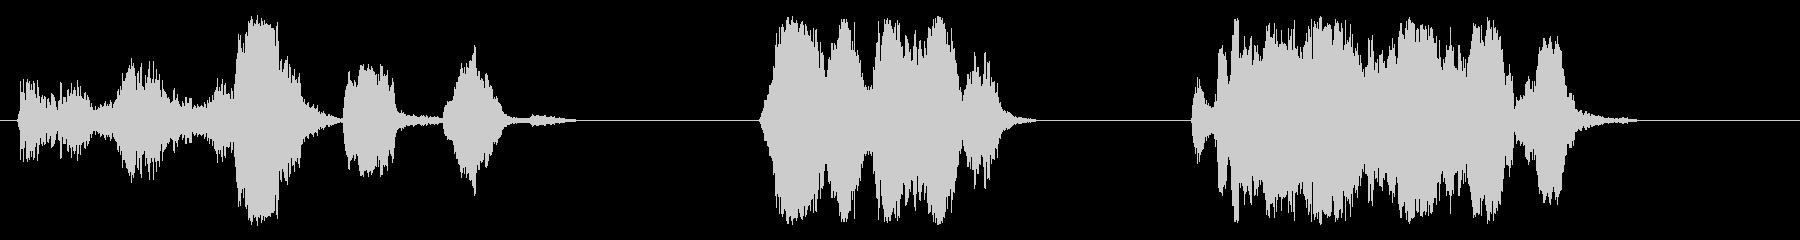 Peacocks Cry X 3;鳥の未再生の波形